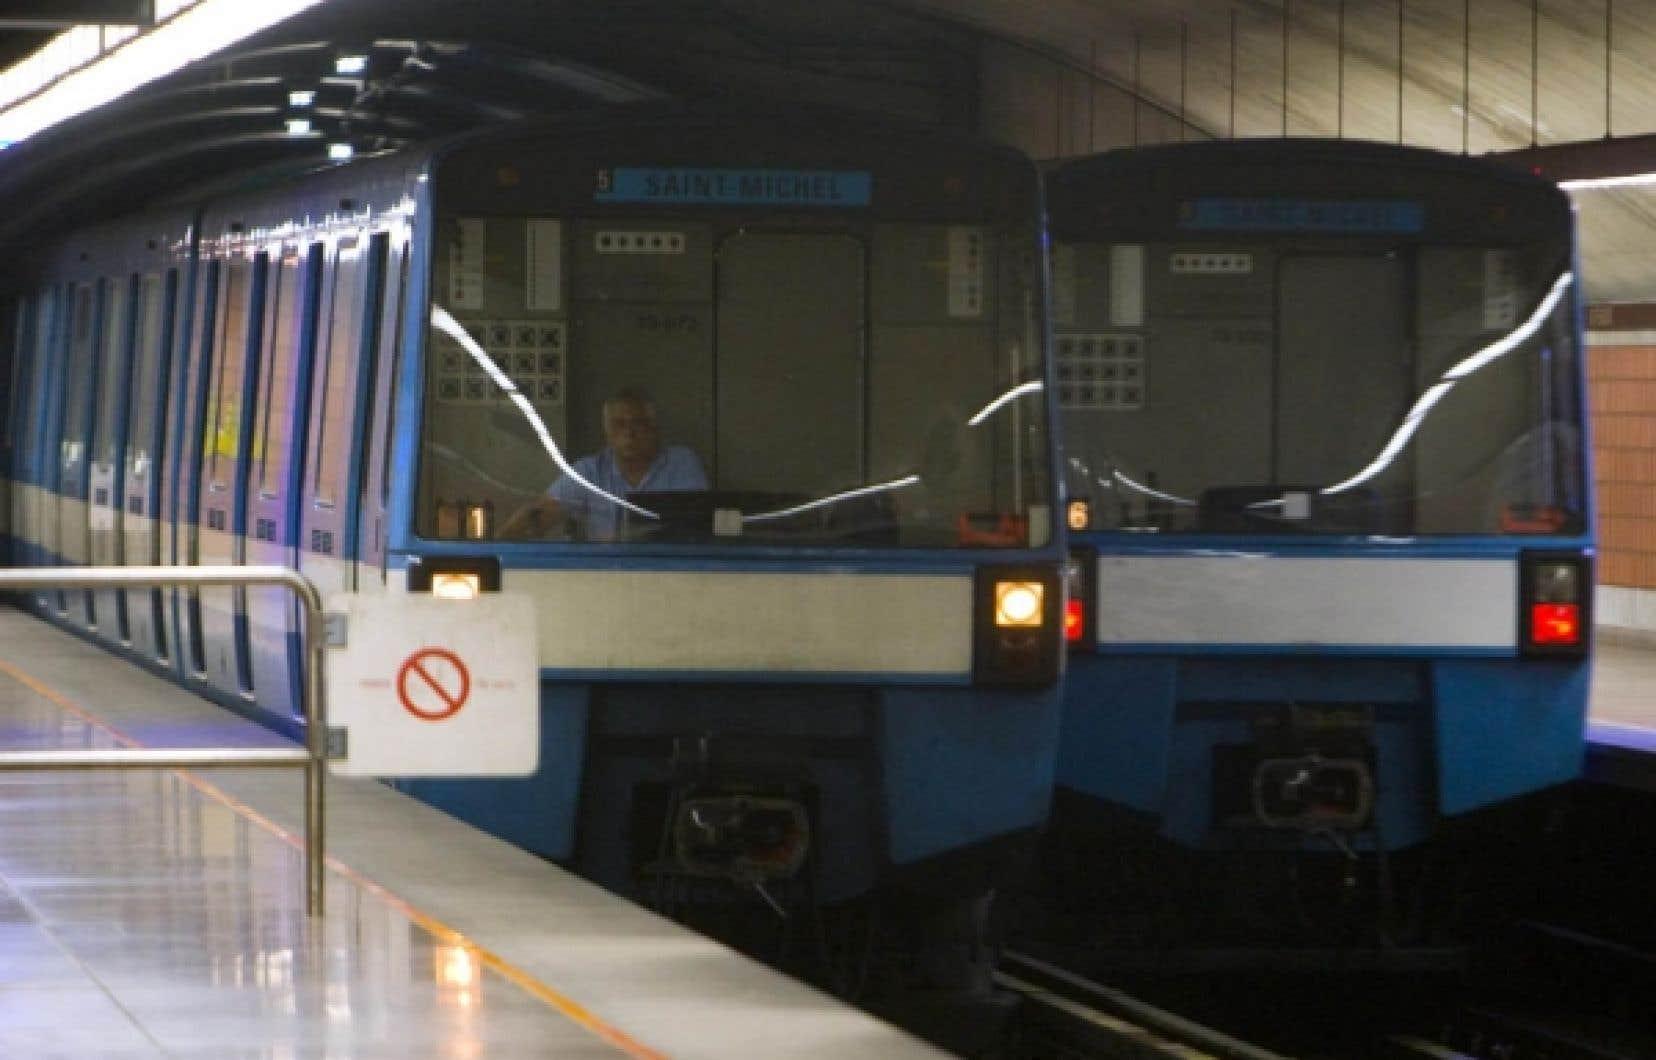 Selon l'évaluation comparative de 26 métros du monde réalisée par le Collège impérial de Londres, le métro de Montréal se classe au premier rang au chapitre de la productivité.